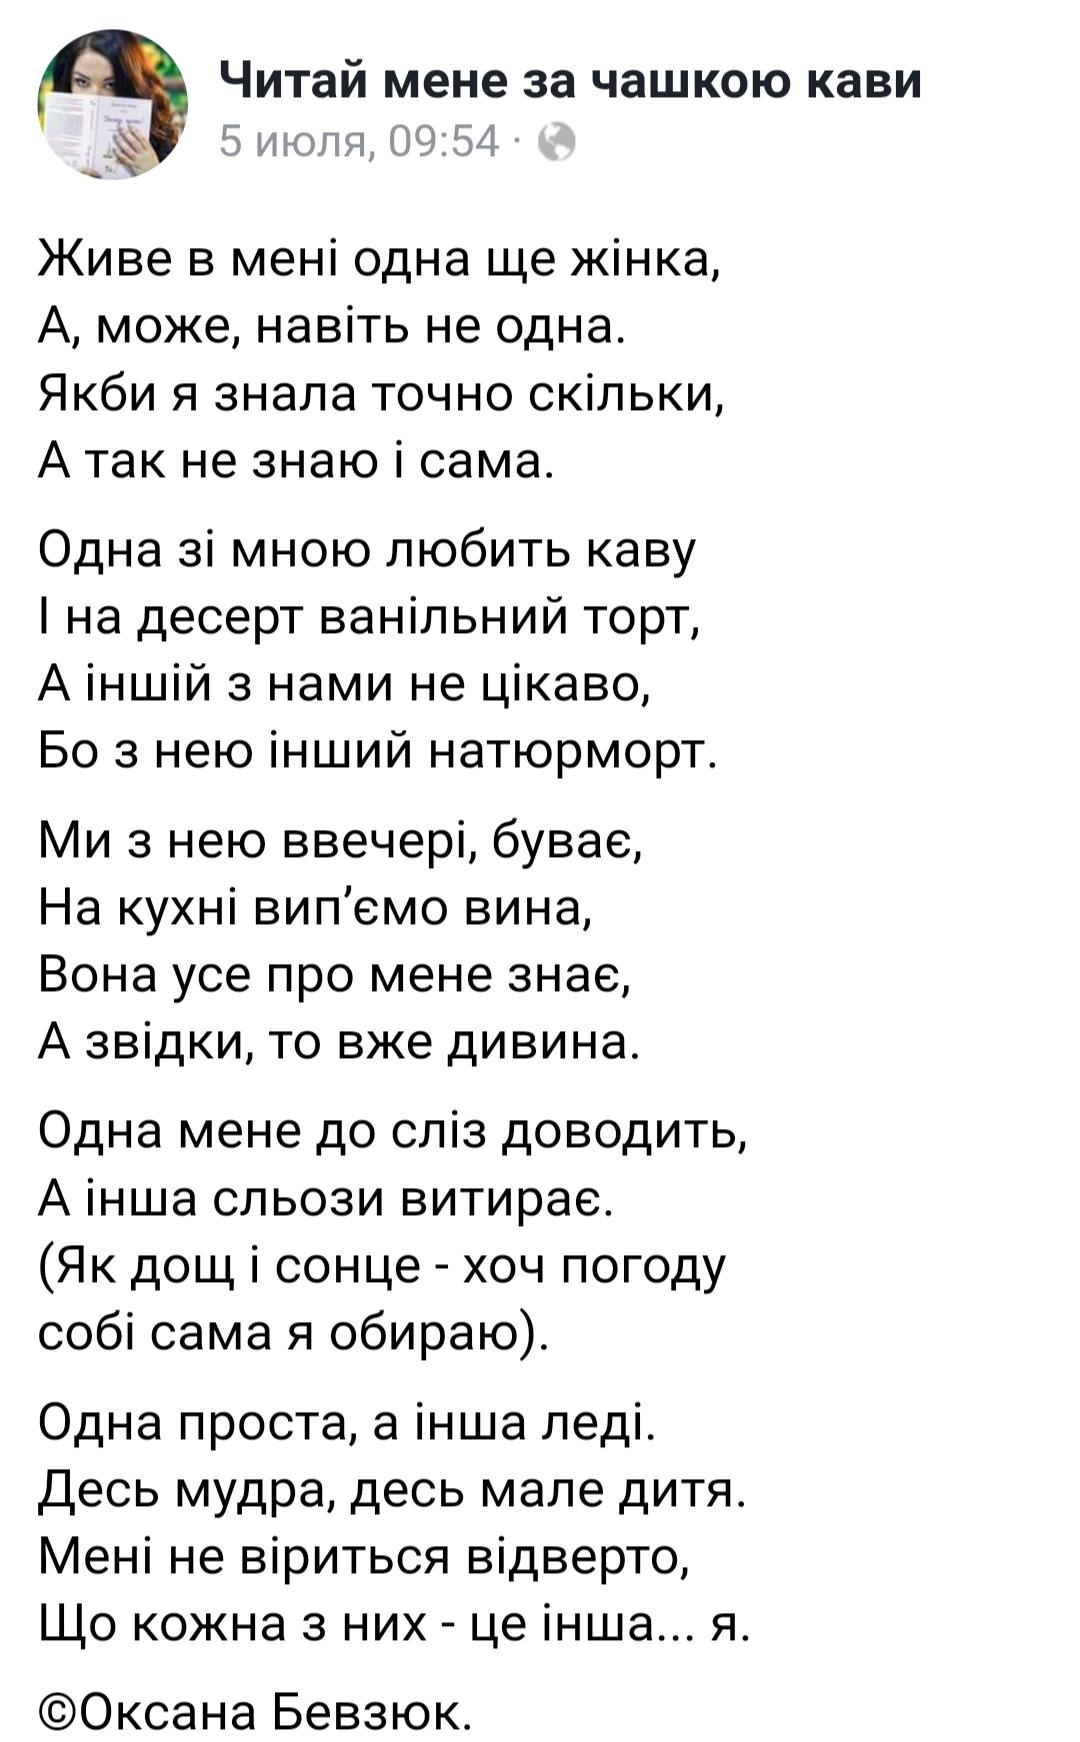 https://i5.imageban.ru/out/2021/07/07/6d206628c63d780d3b44312b2264aac4.jpg